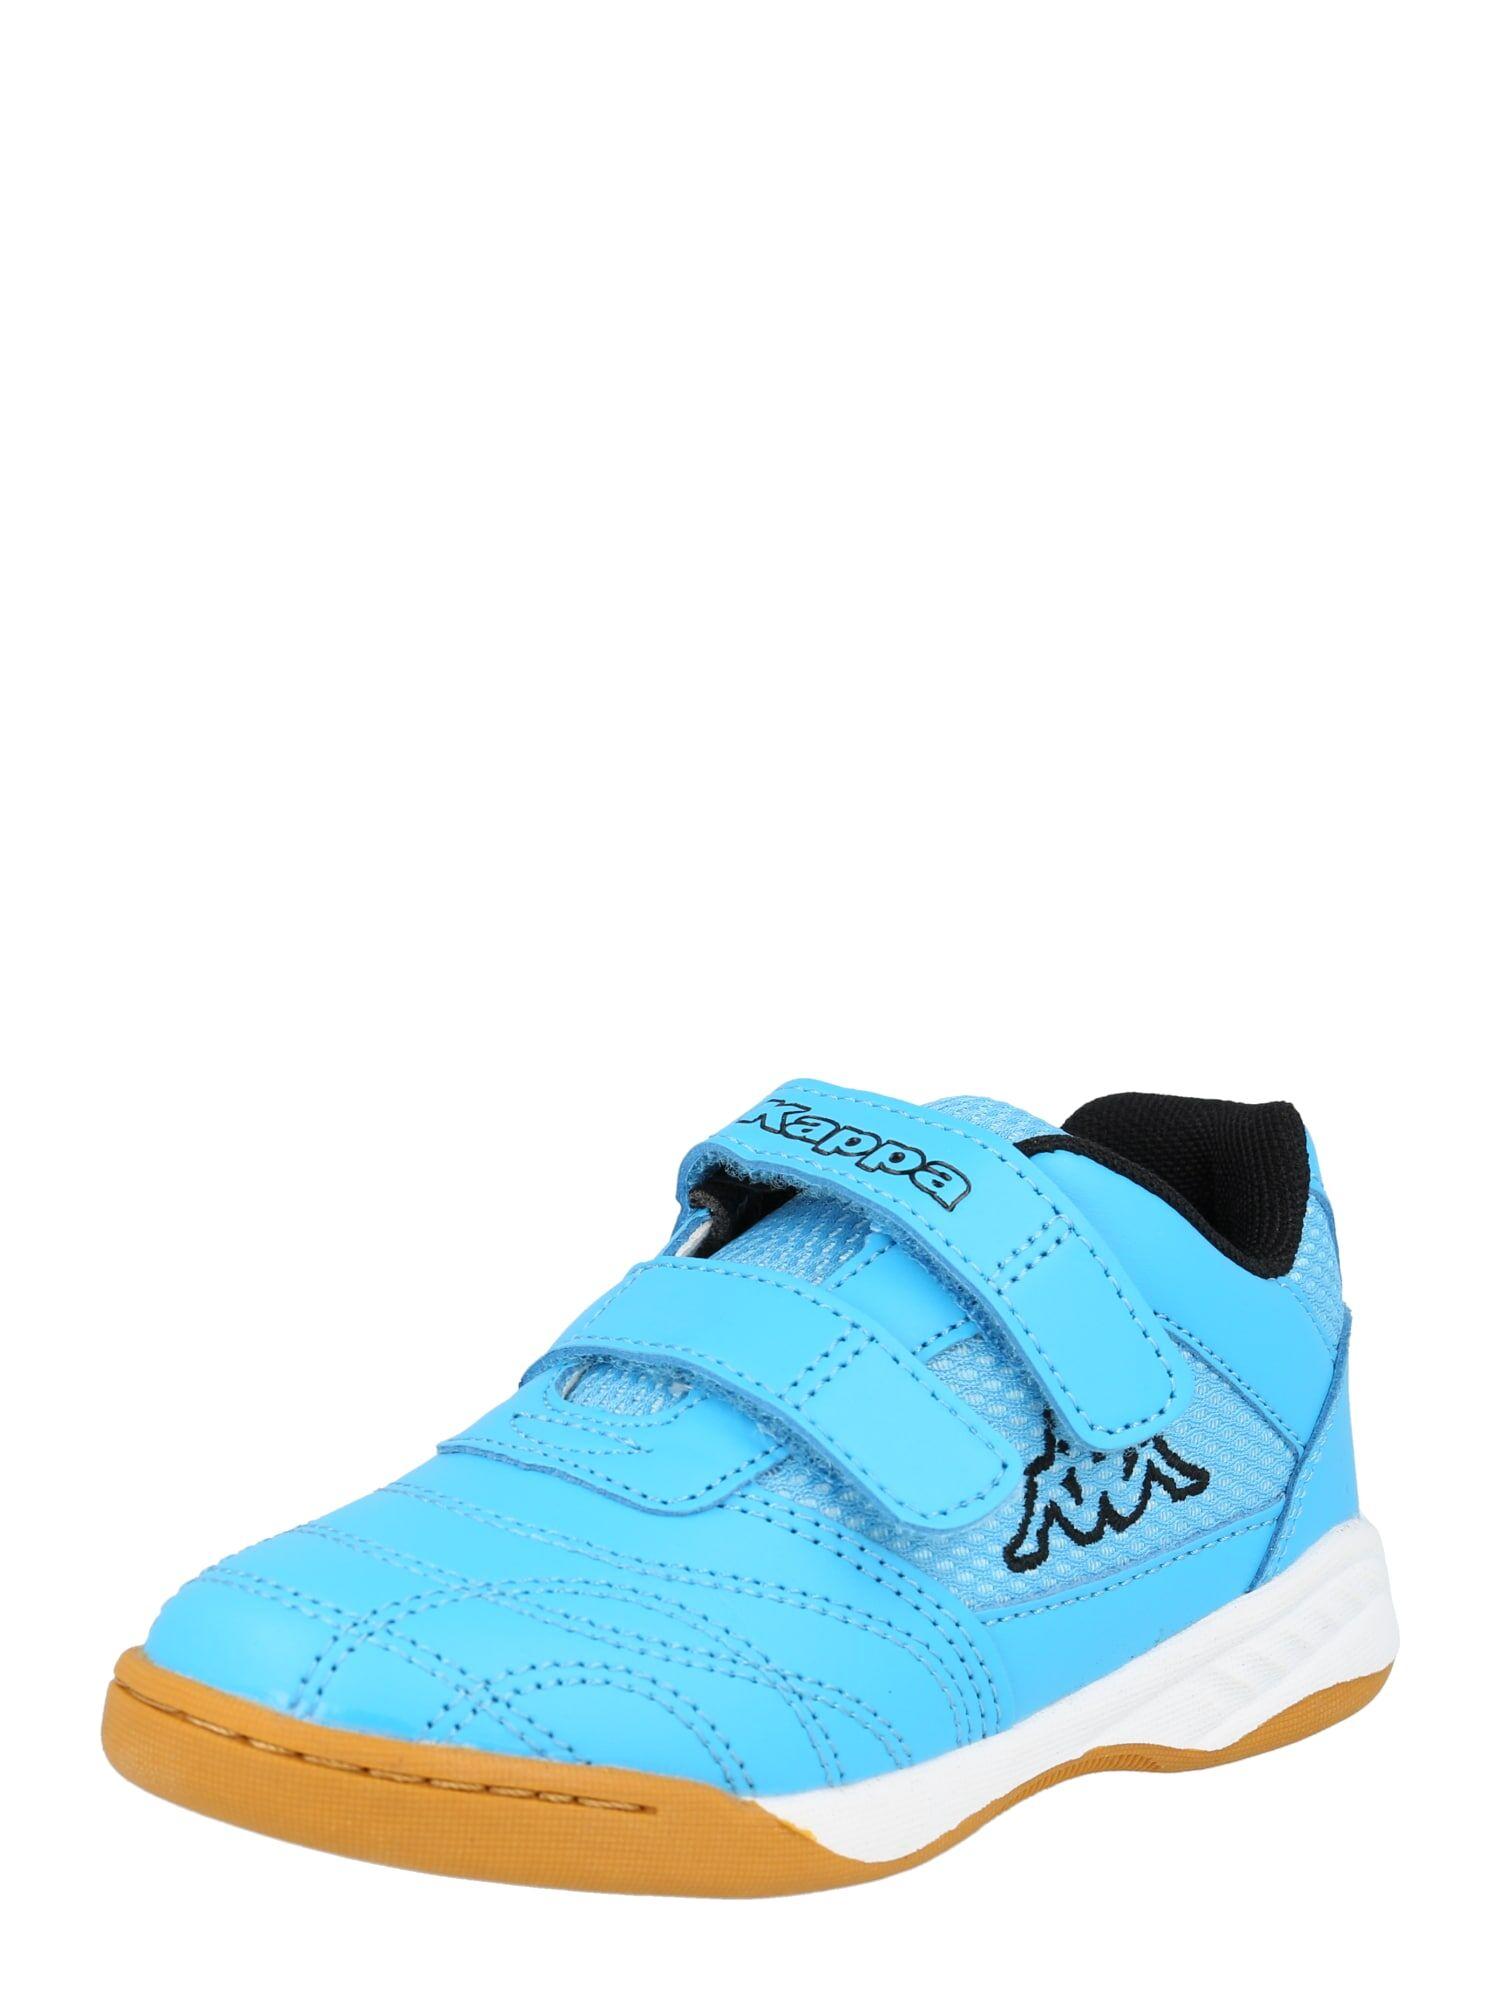 KAPPA Sneaker 'KICKOFF' Blu